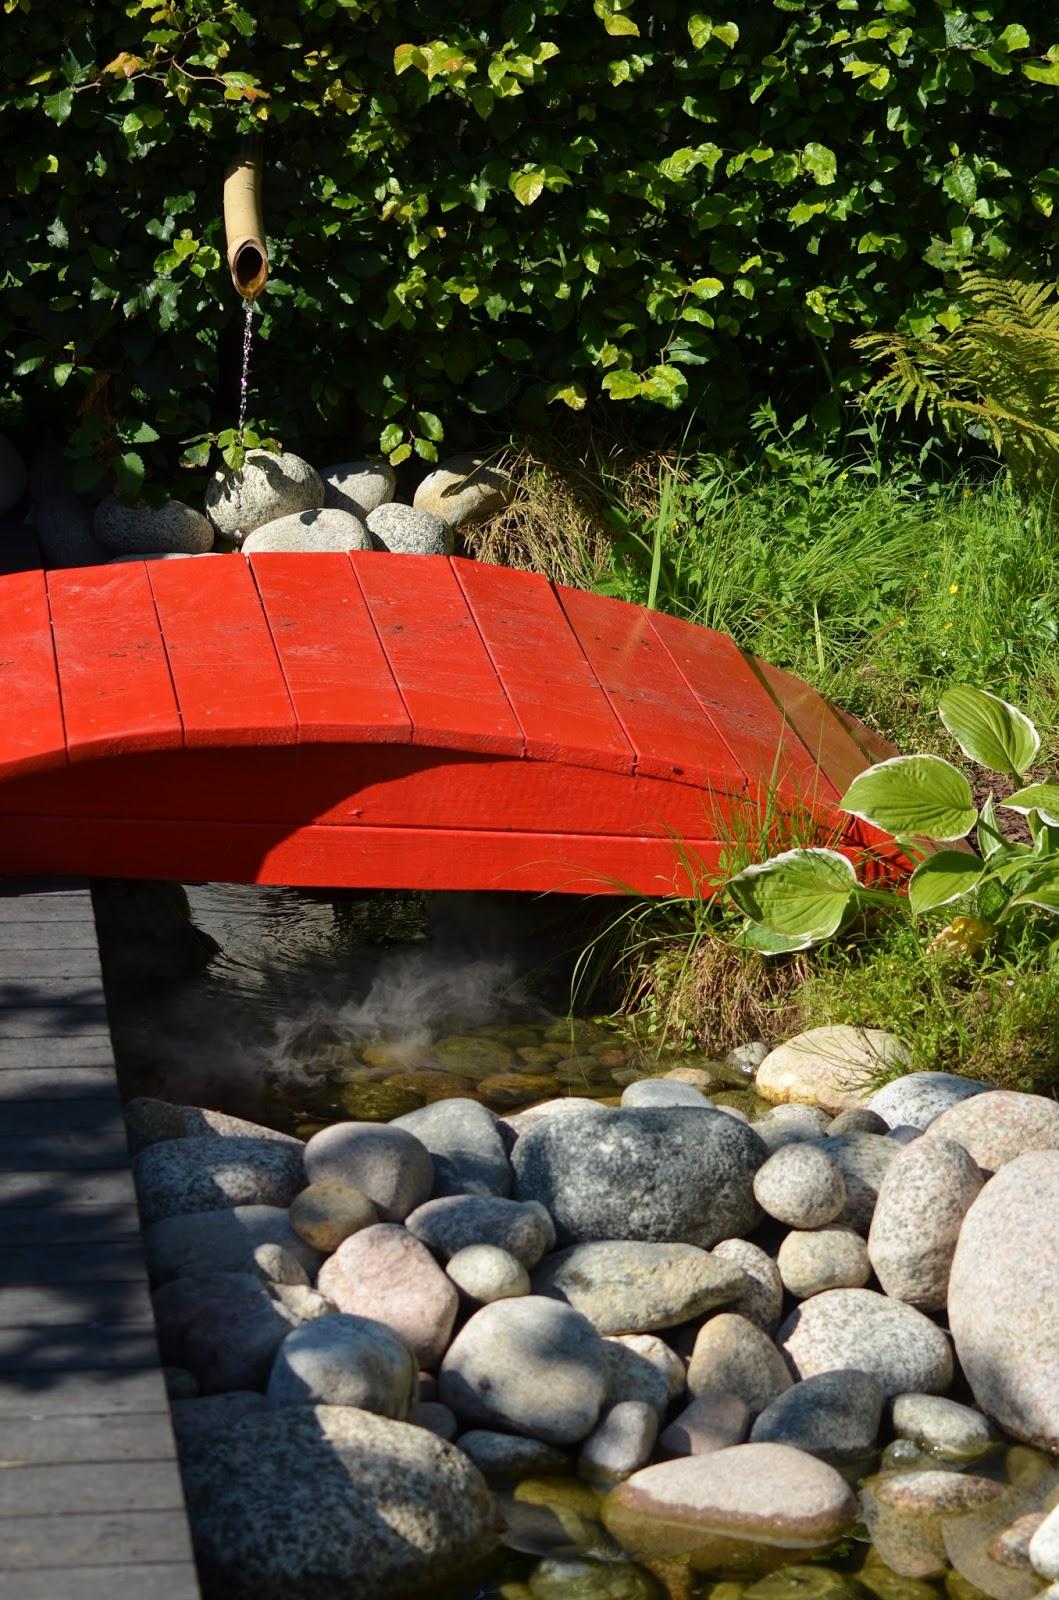 Enköpings tematrädgårdar 2015: vatten i trädgården